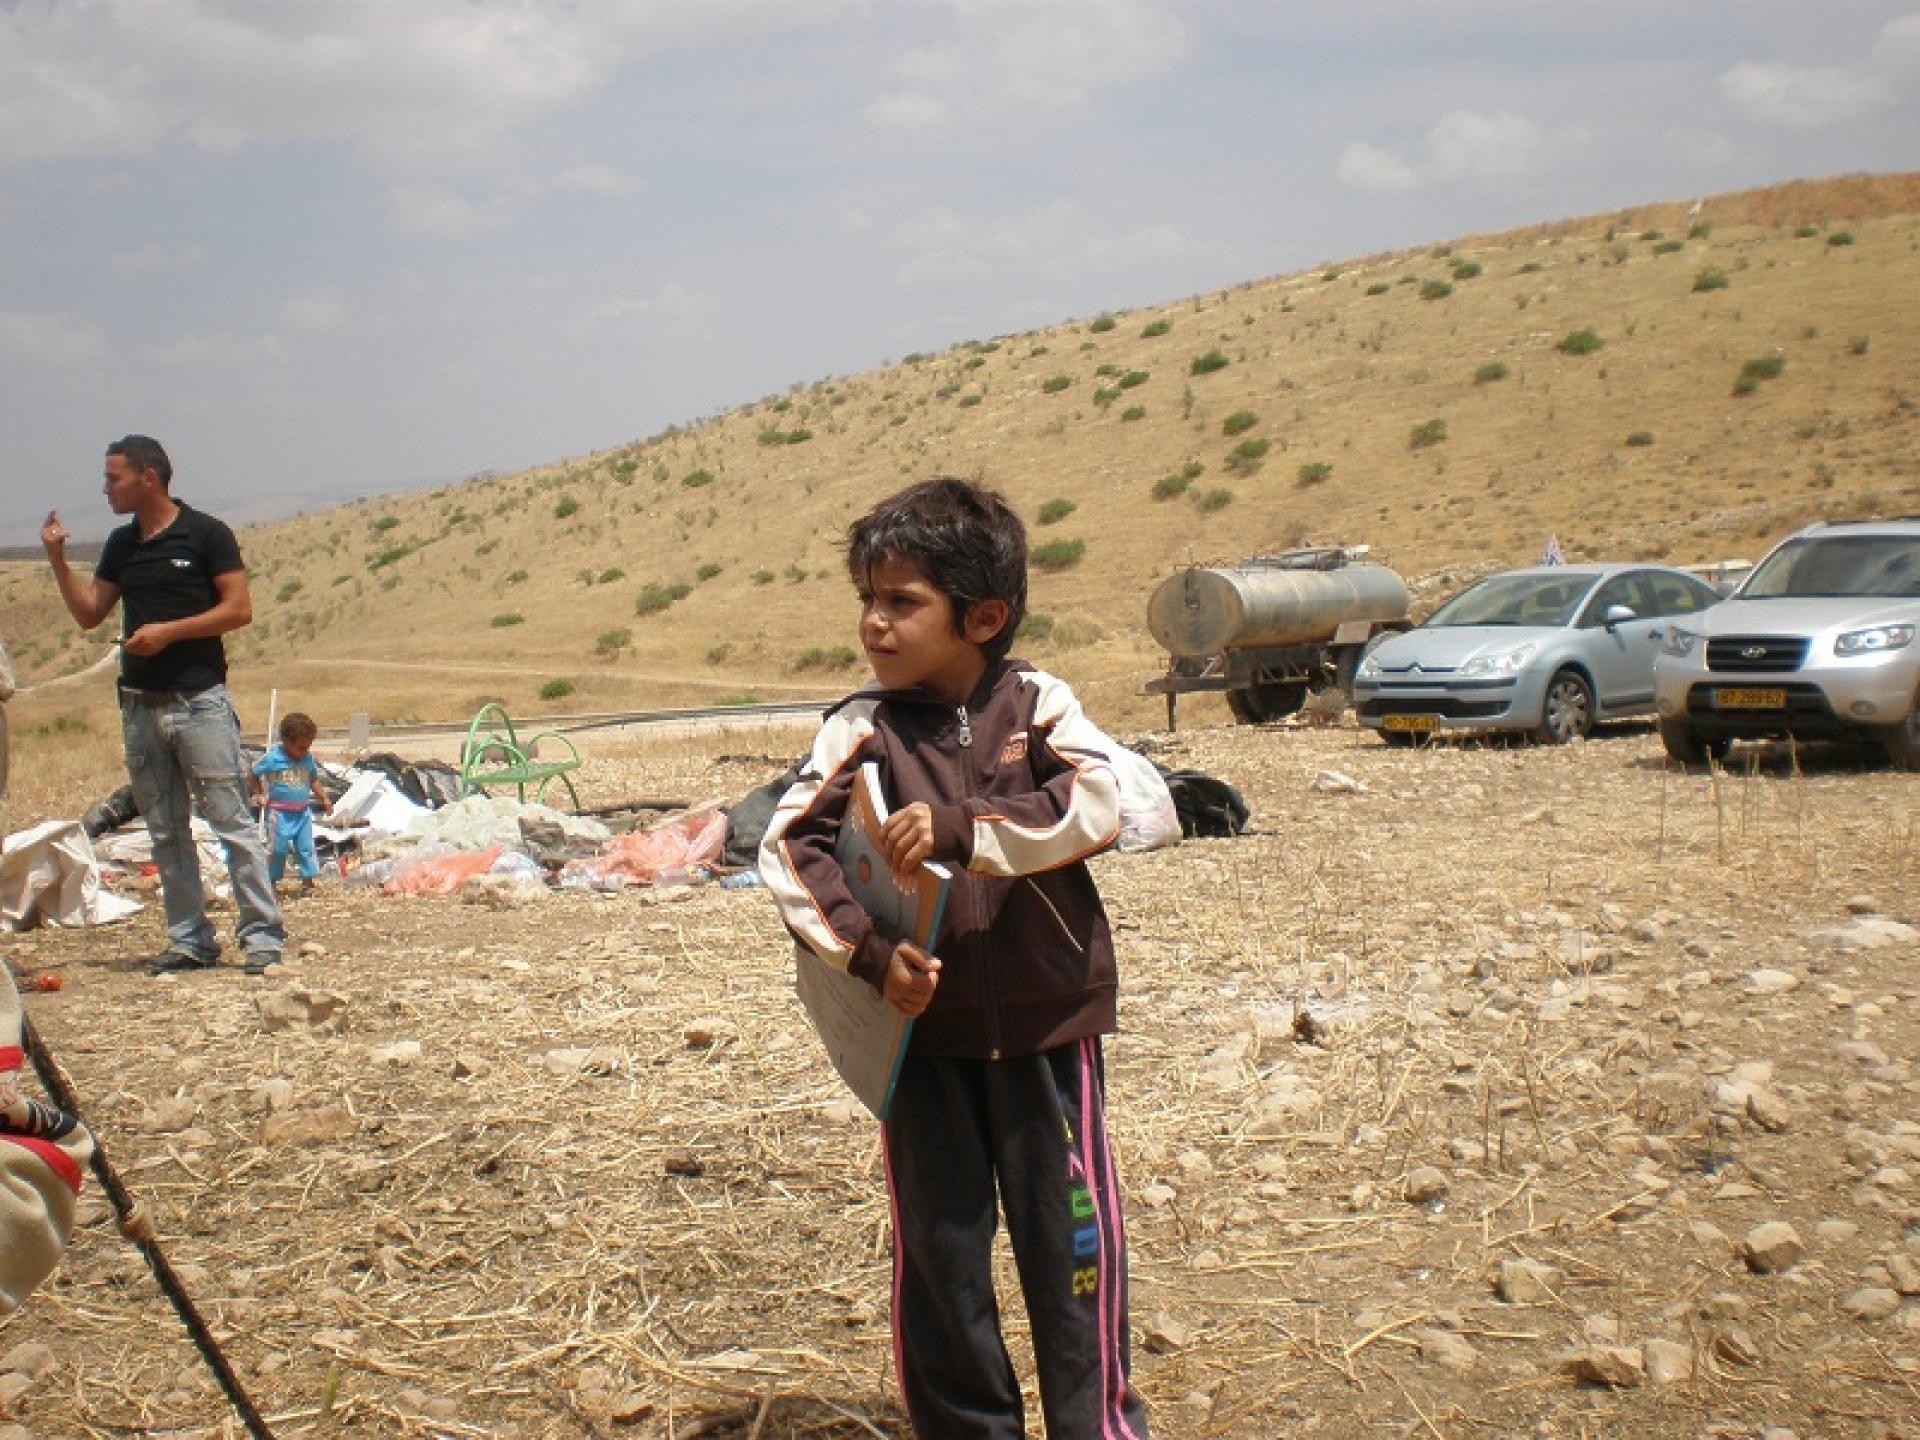 Jordan Valley 29.04.10